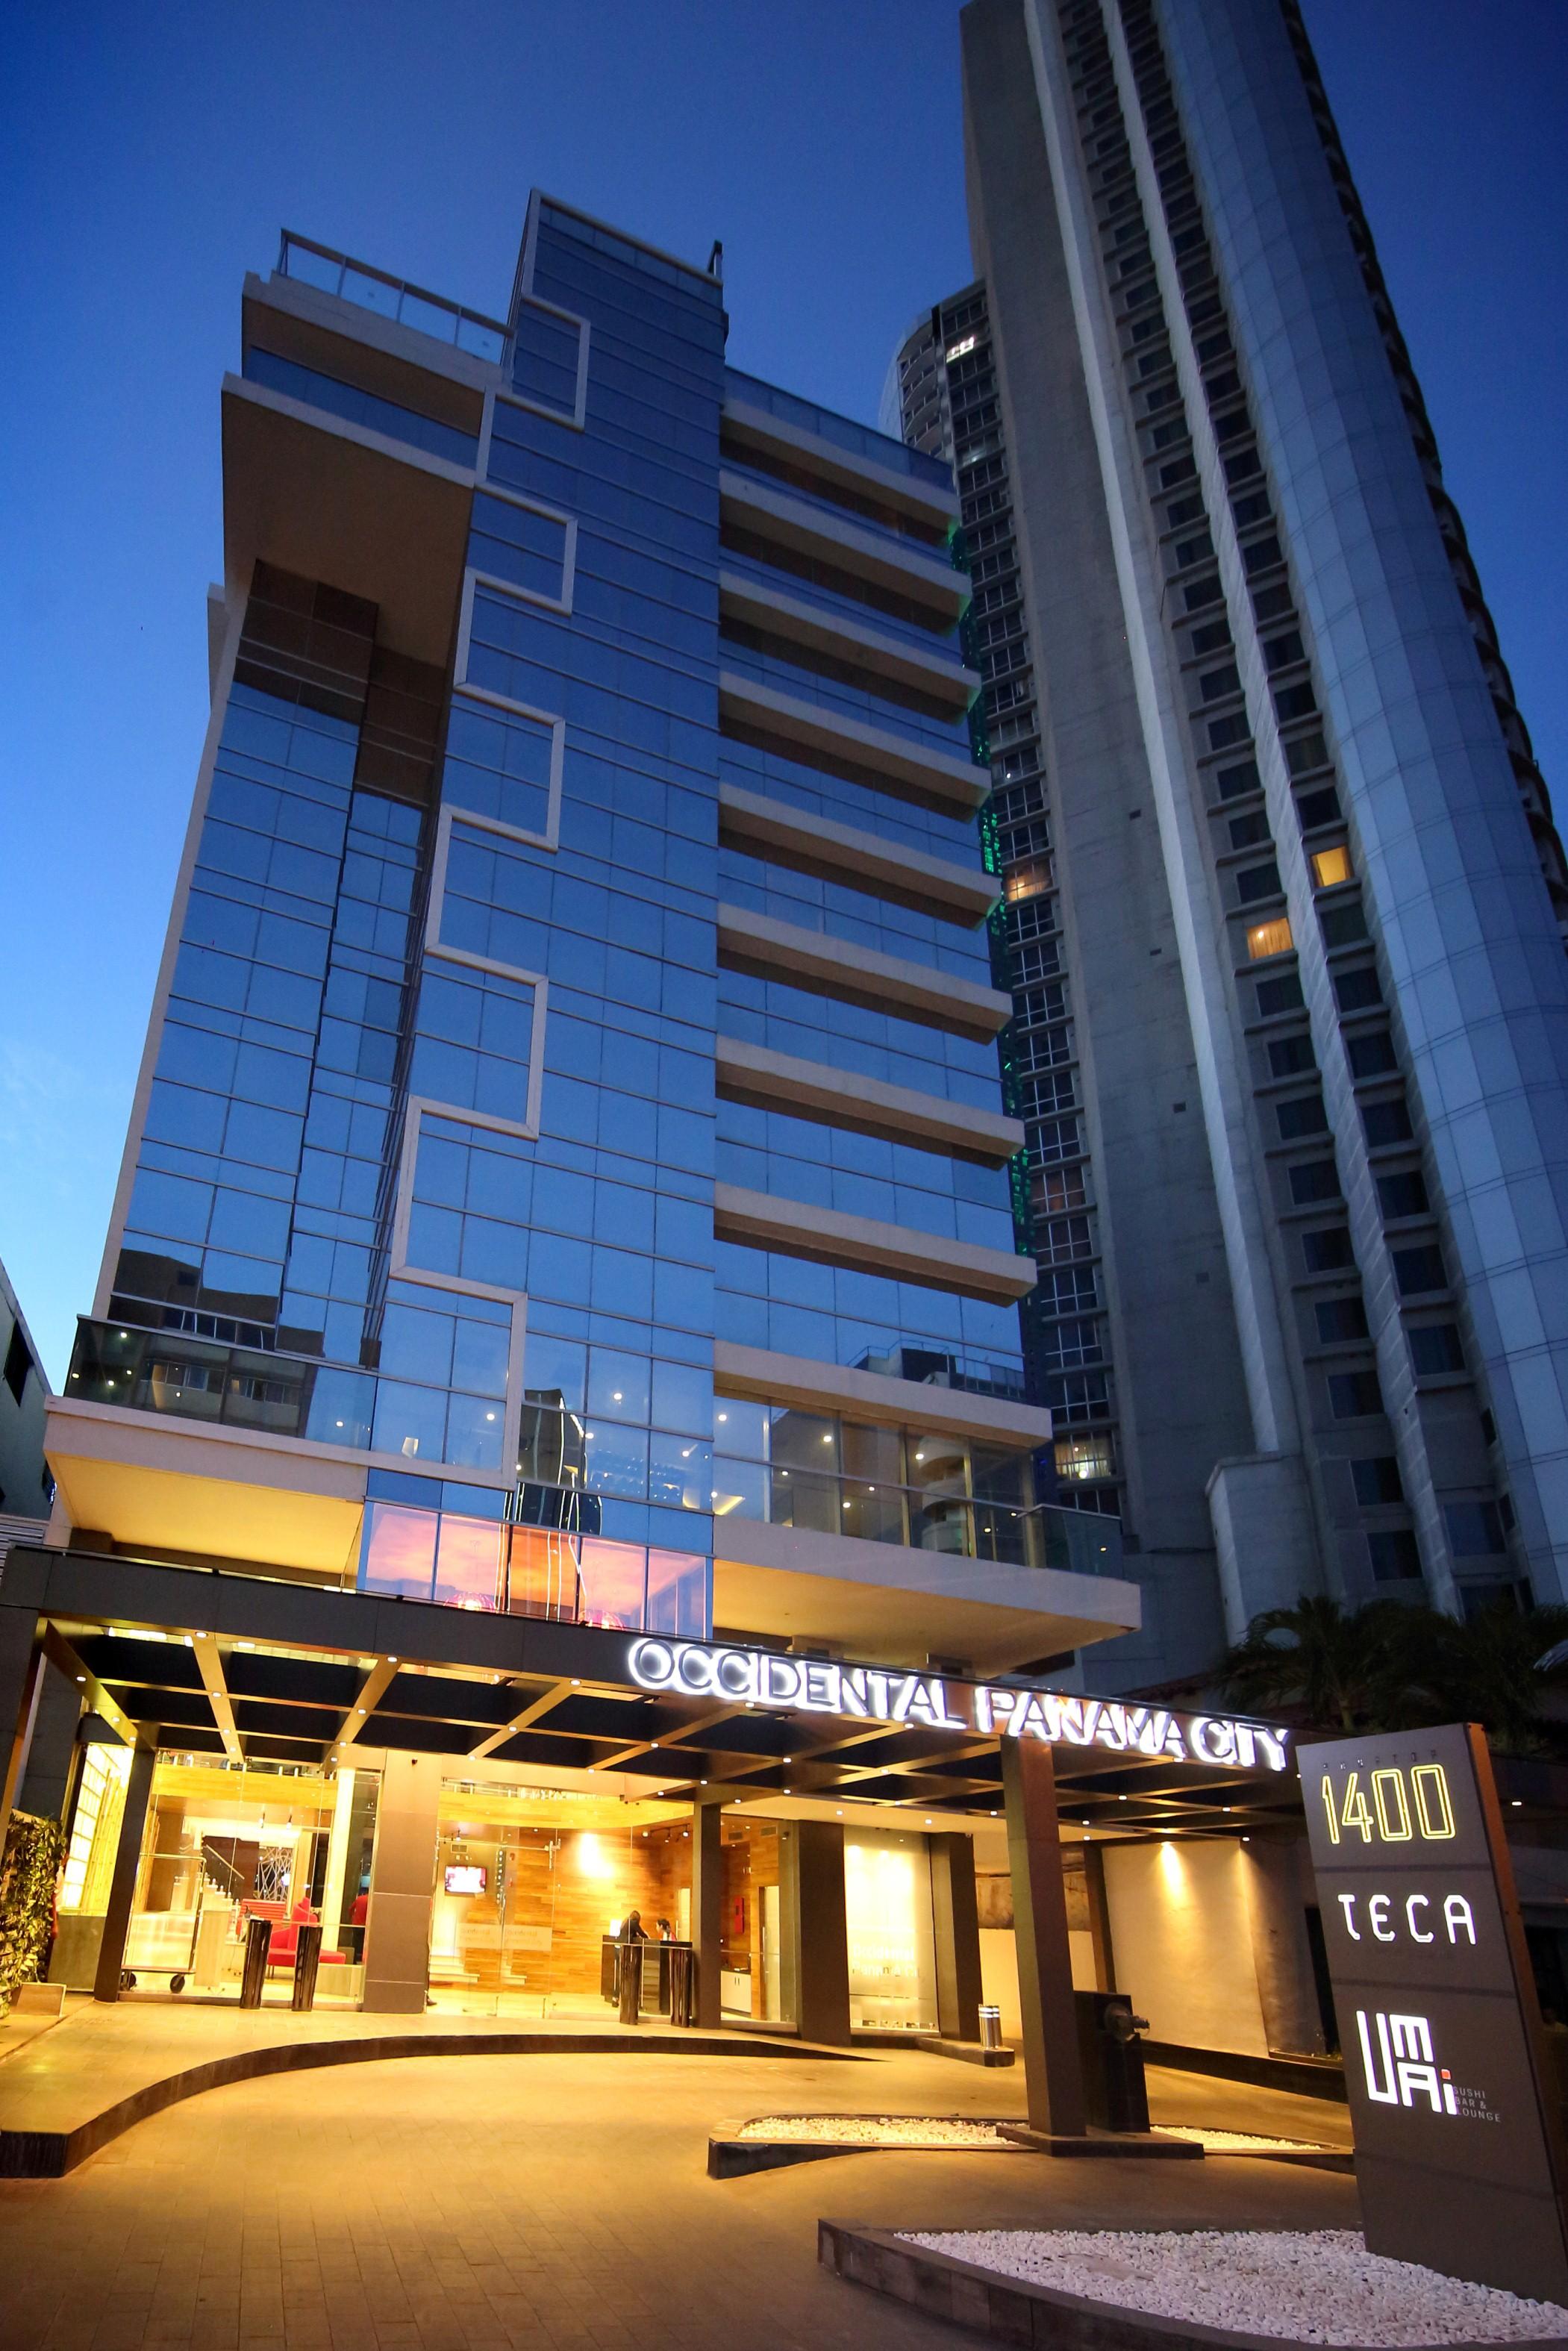 Hotel Oriental Panamá City, Panamá